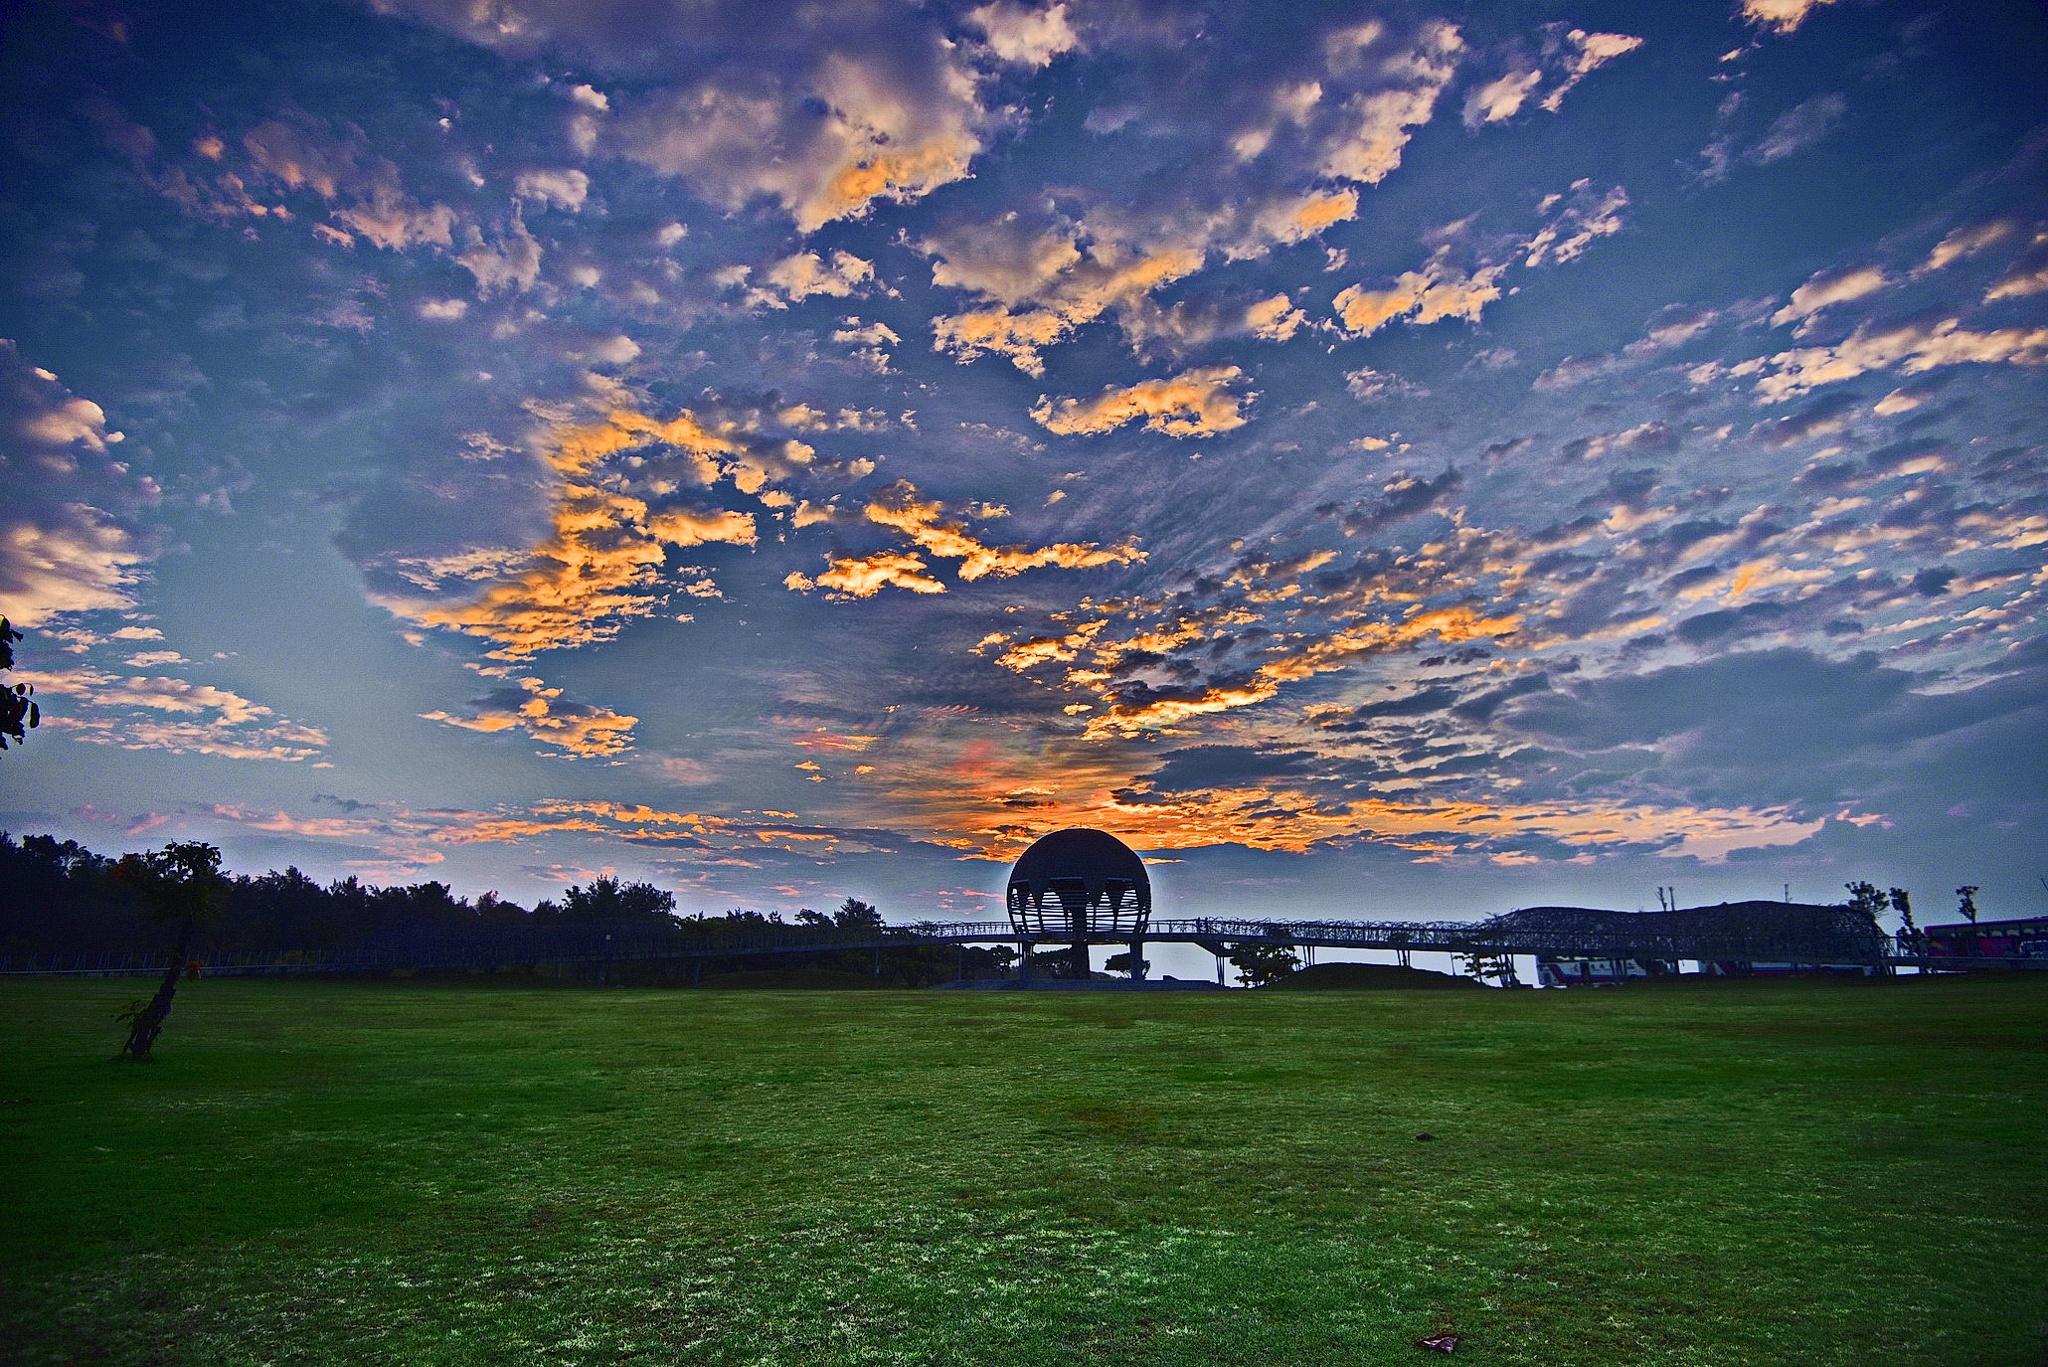 Dawn by petertyghbn